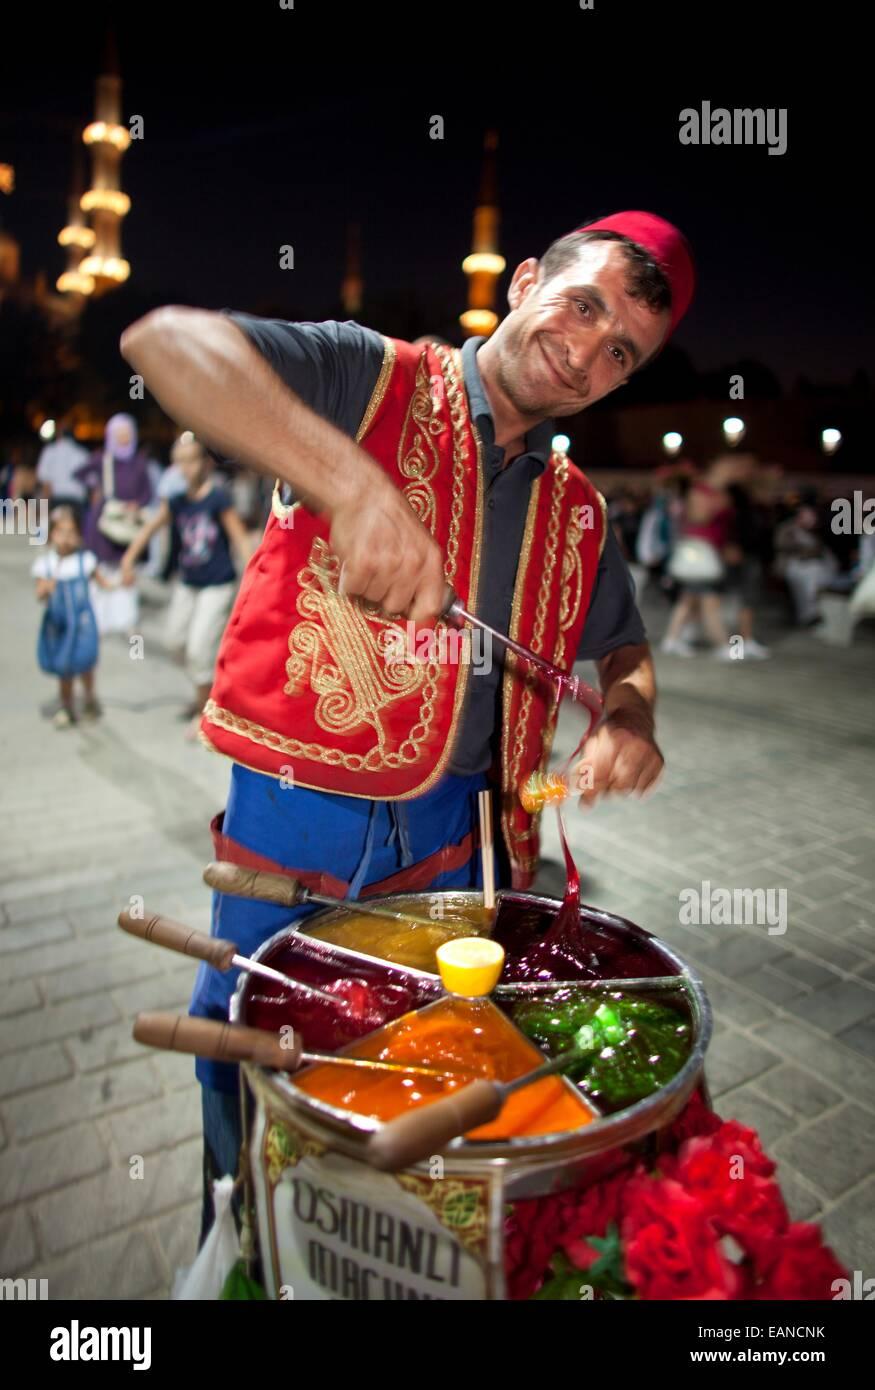 Venditore ambulante di dolciumi, Istanbul Immagini Stock